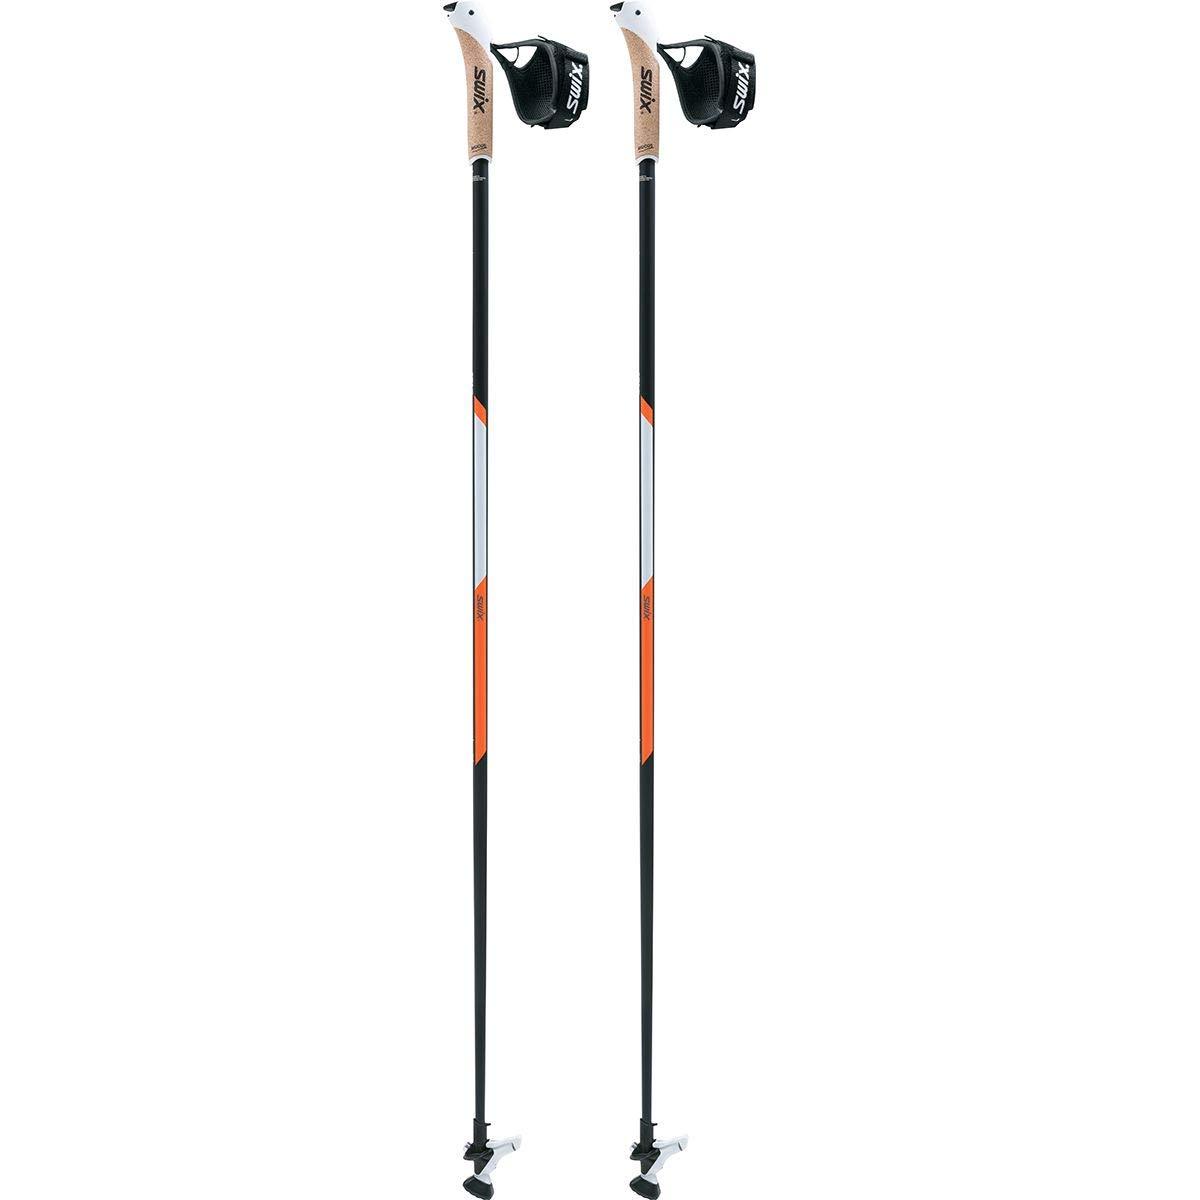 Swix ct3 Twist&go nordicwalkingstöcke trekkingstock teleskopstock